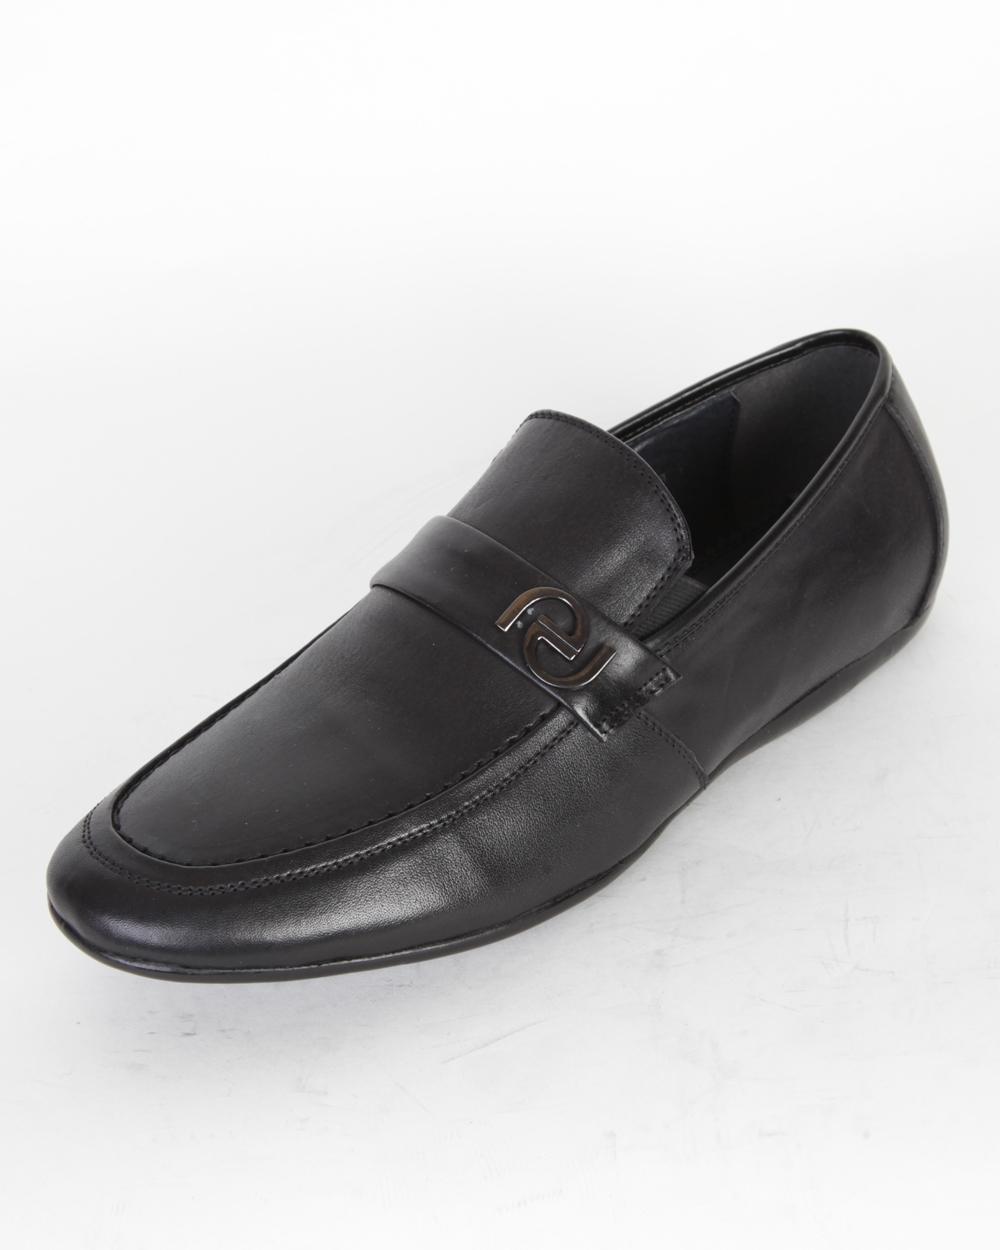 Кожаные кроссовки мужские екатеринбург